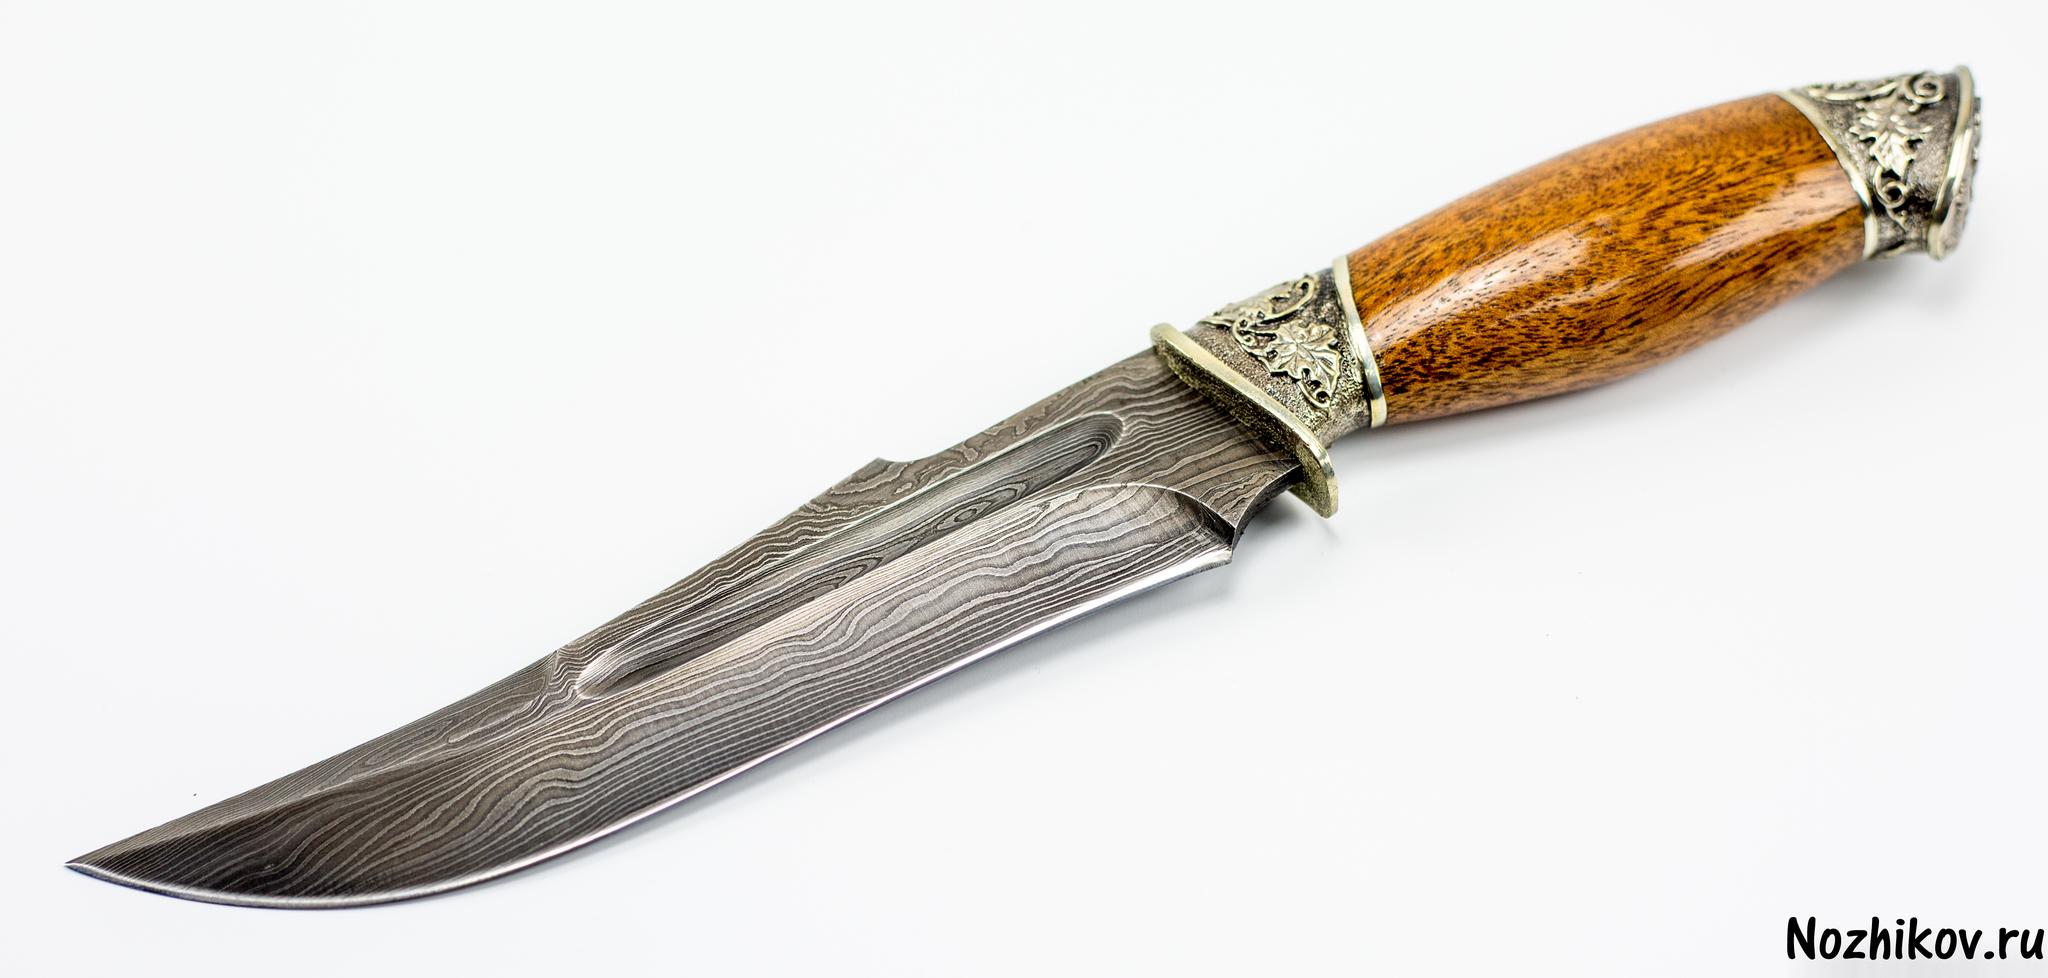 Фото 17 - Авторский Нож из Дамаска №14, Кизляр от Noname